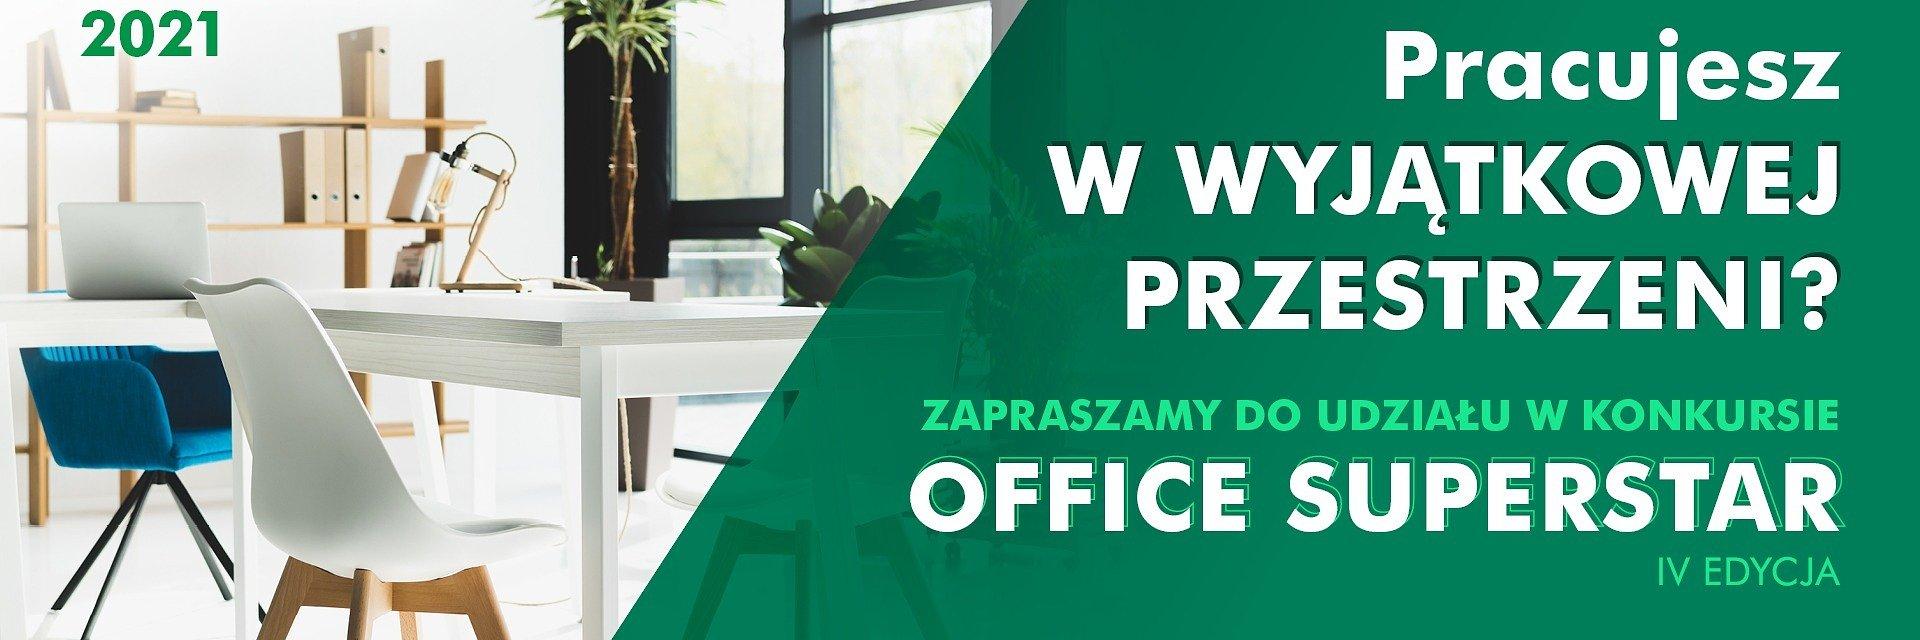 Dość już pracy zdalnej, wracamy do biur! Startuje konkurs CBRE Office Superstar